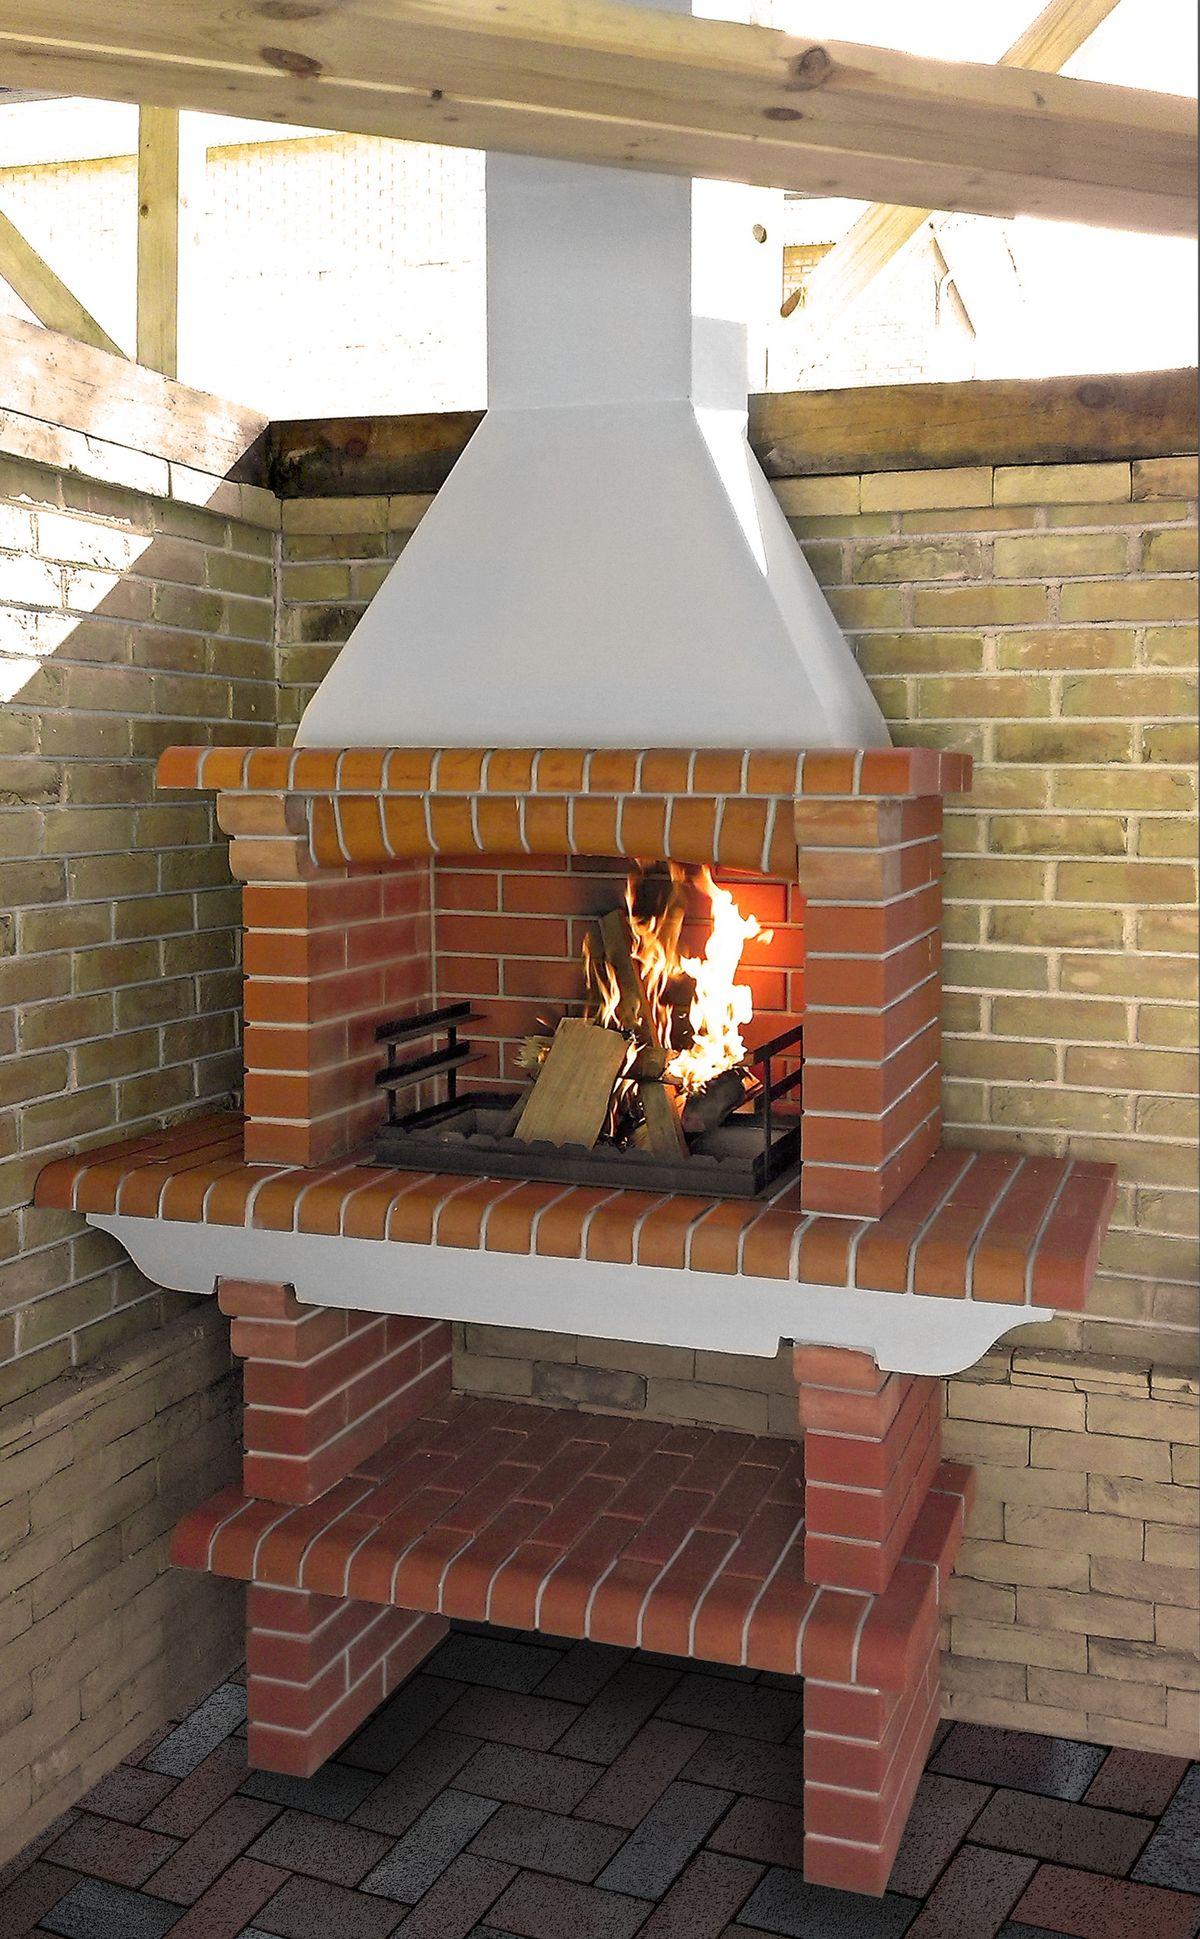 Беседка с мангалом (142 фото): вытяжка из кирпича, конструкции с печкой, мангальная печь с дымоходом, как сделать просто и красиво